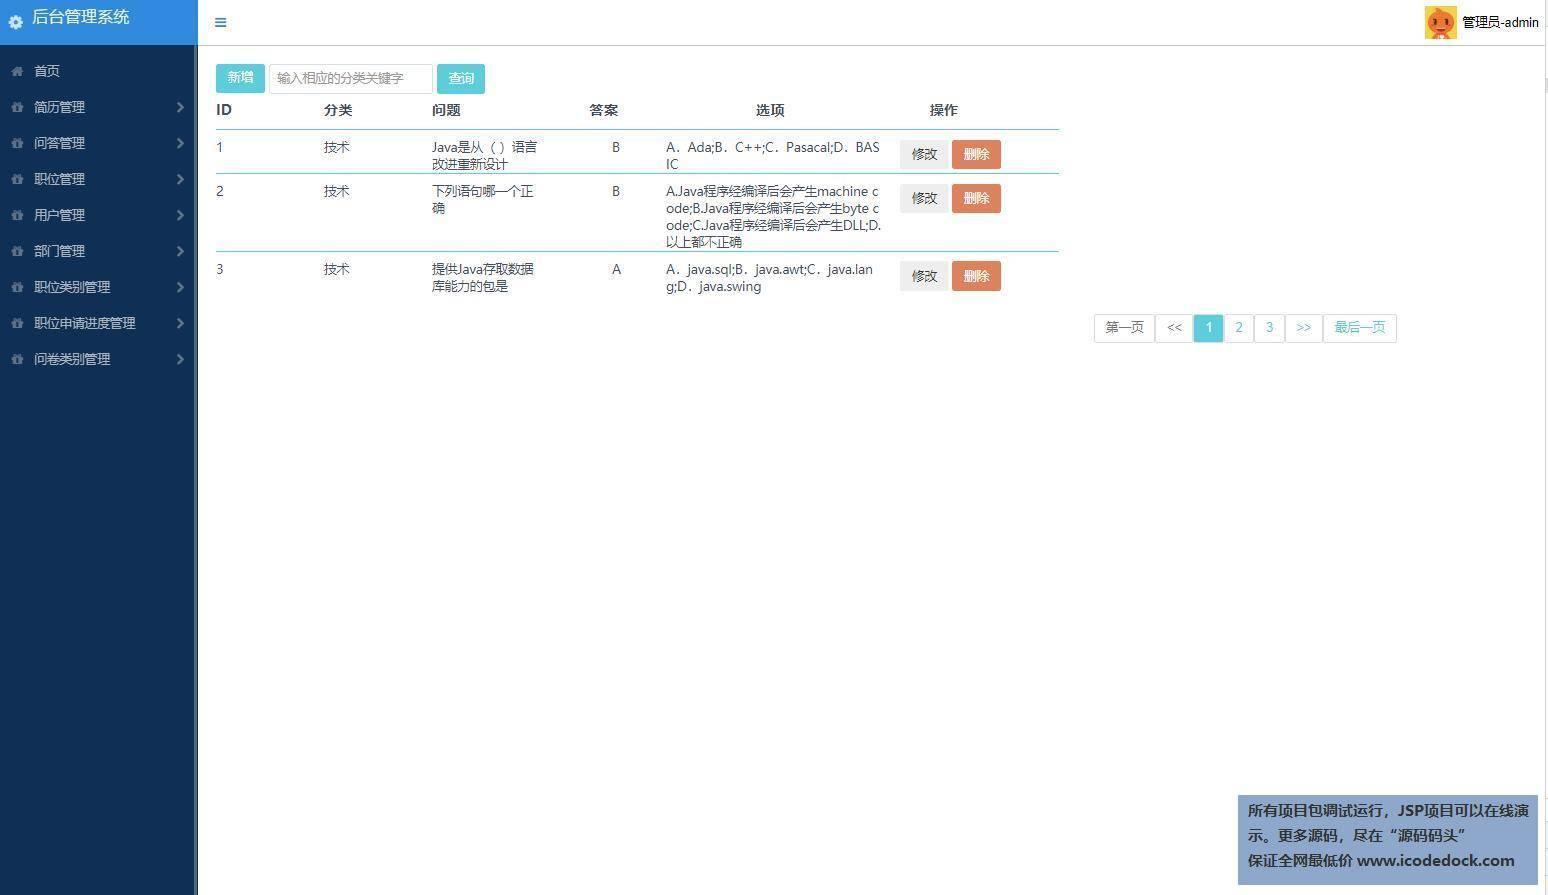 源码码头-SpringBoot招聘网站项目-管理员角色-问答管理